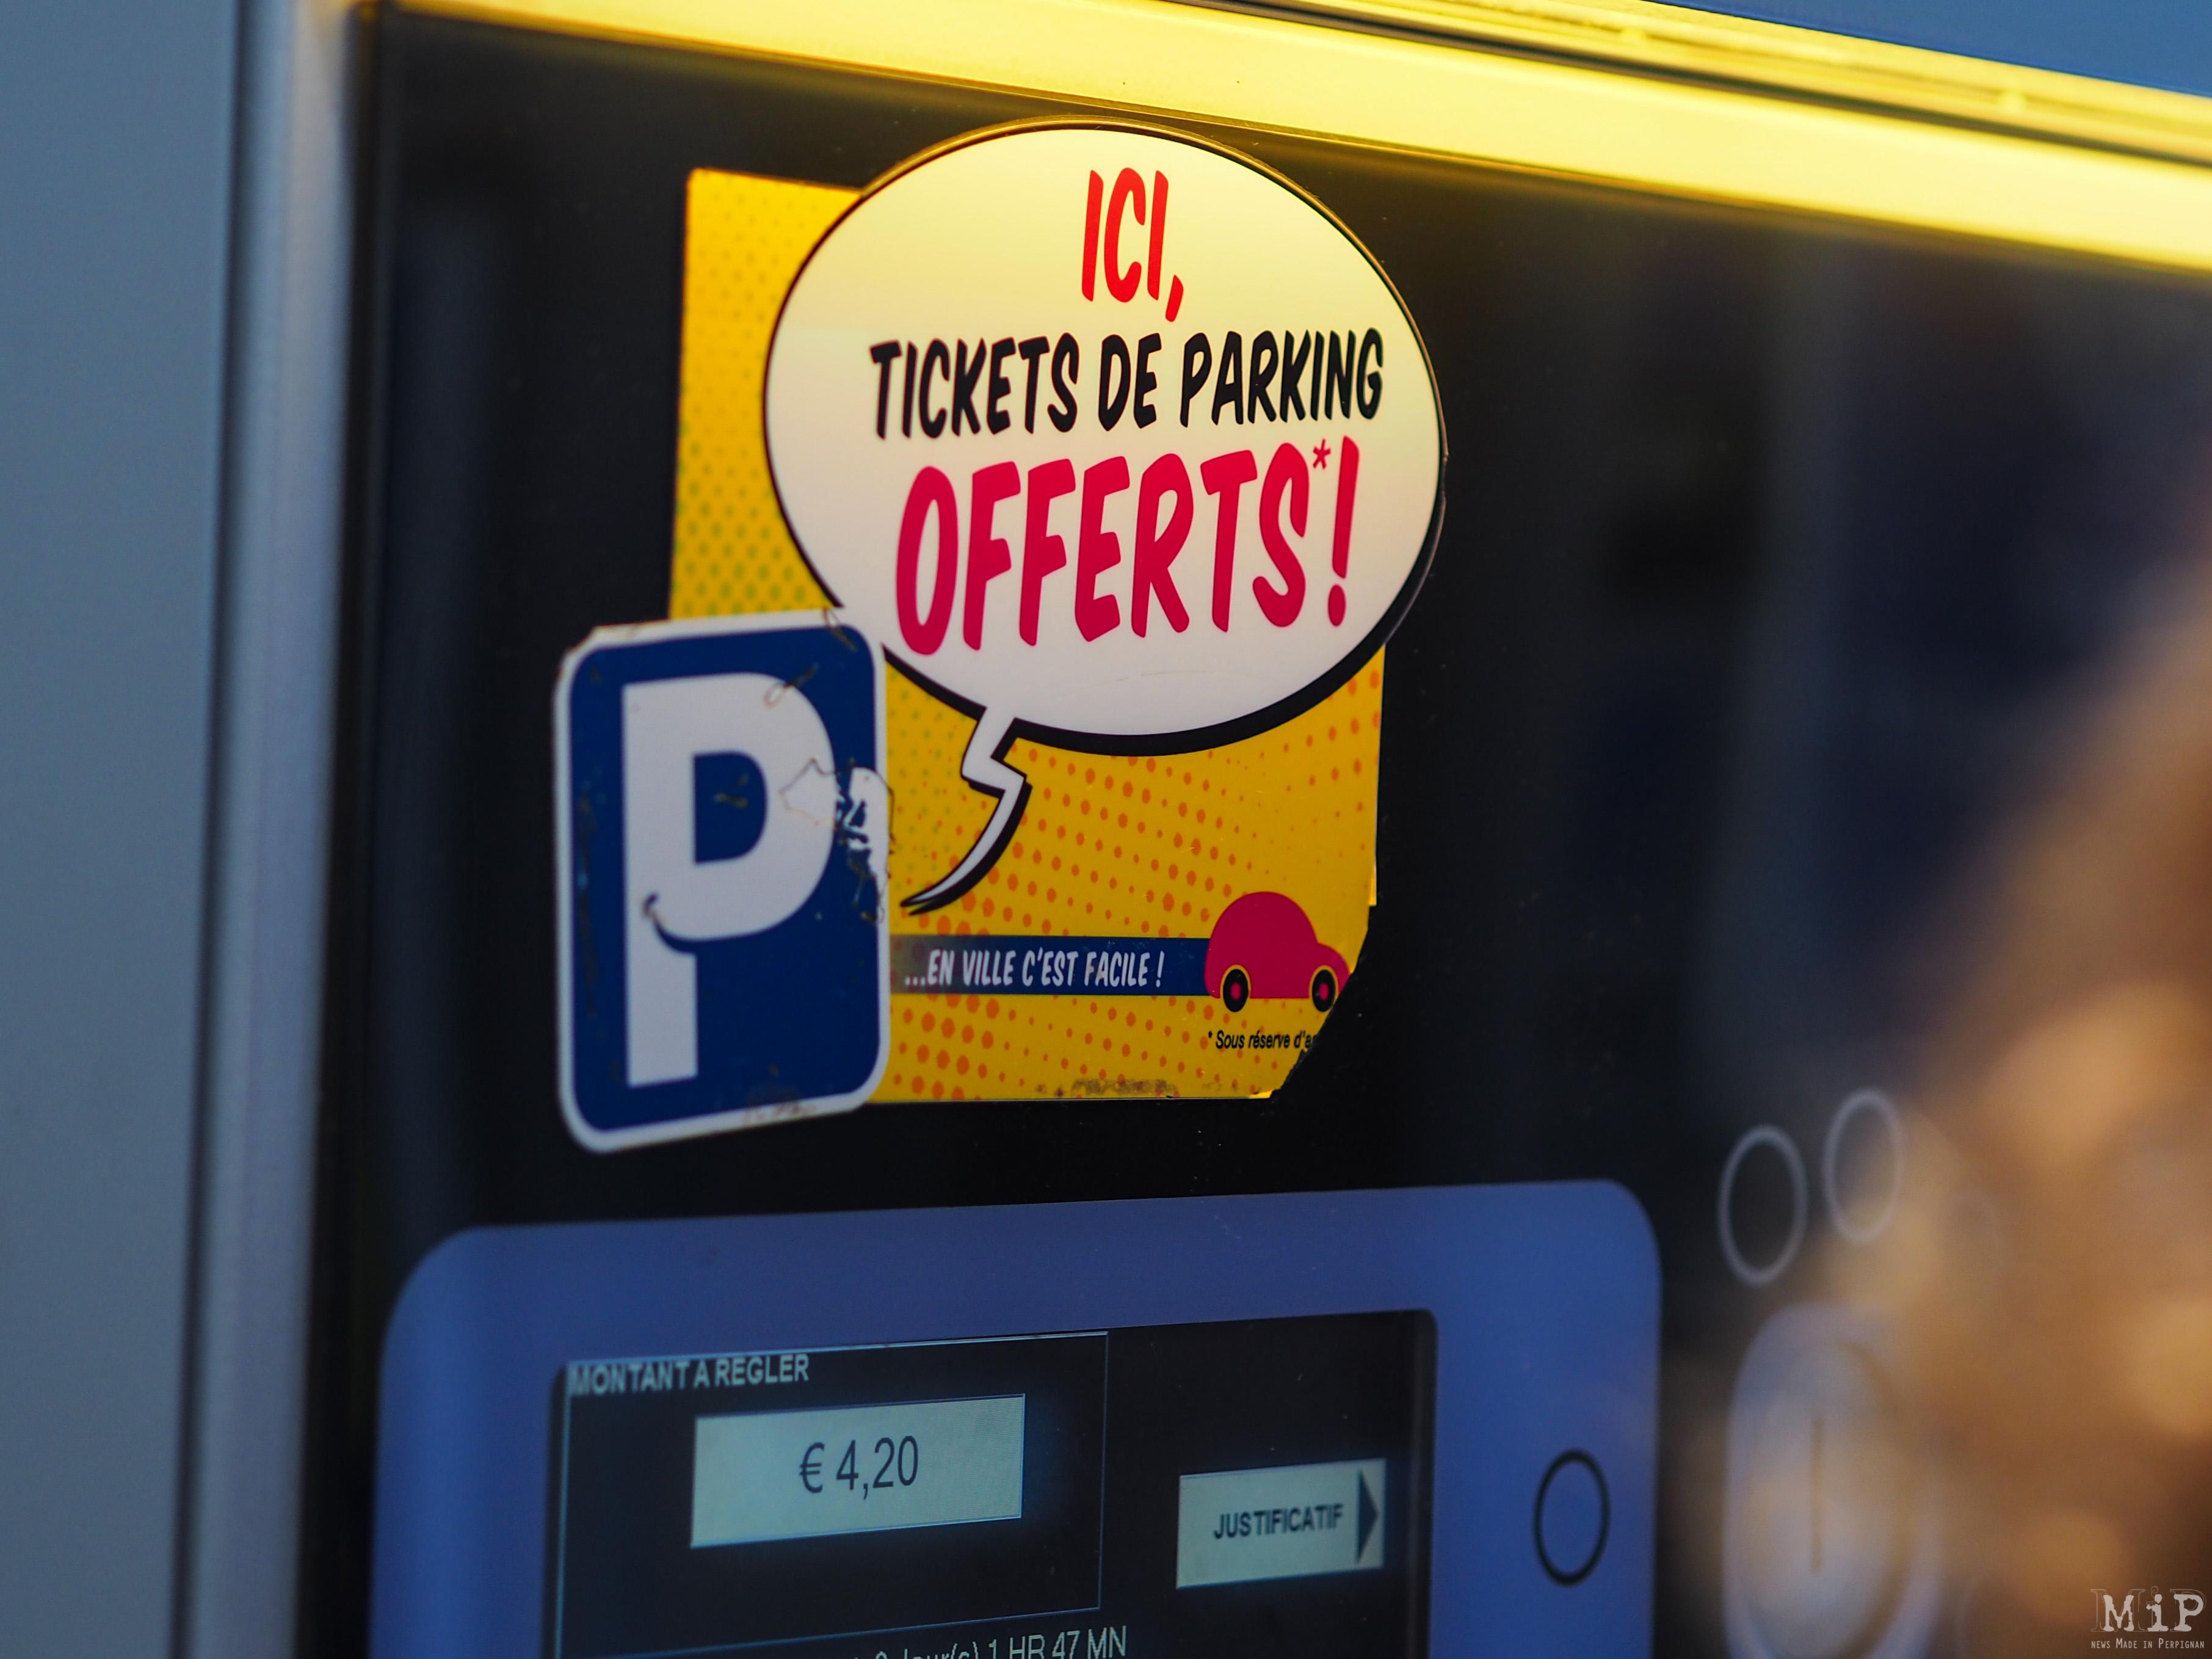 Perpignan - Opération ticket de parking à 1 euro -5230294